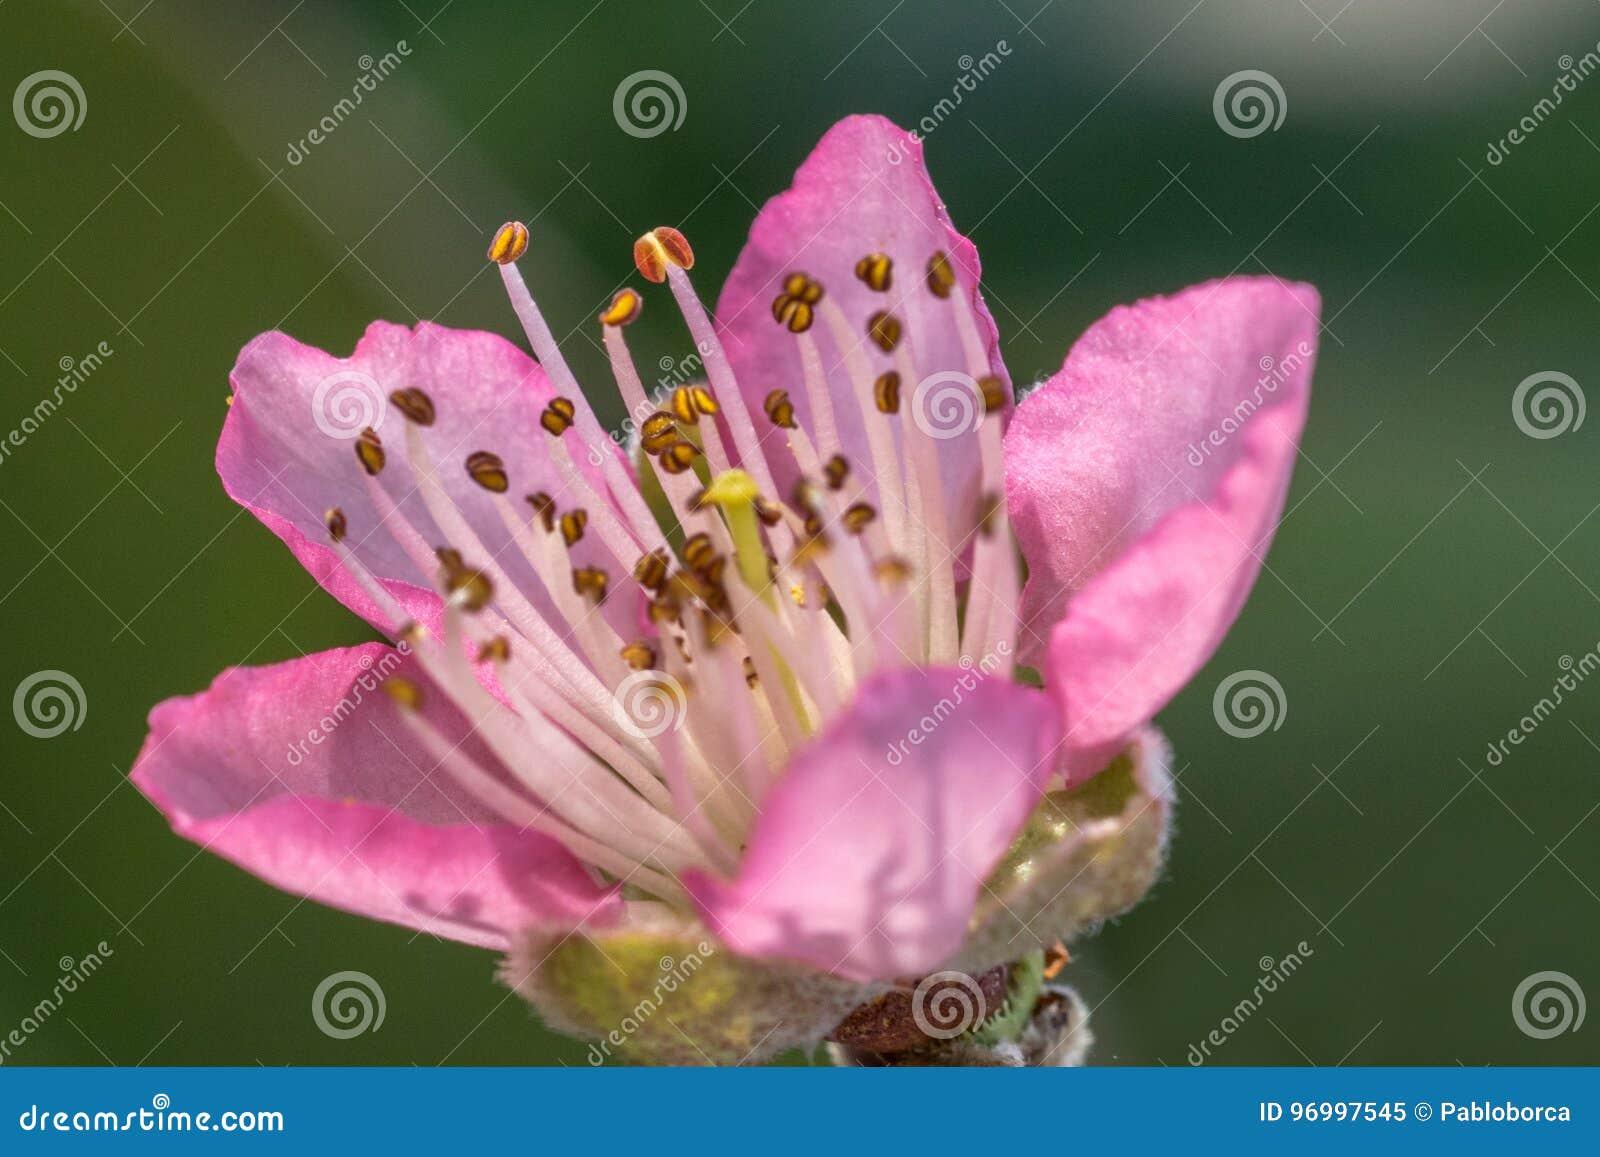 Peach blossom flower